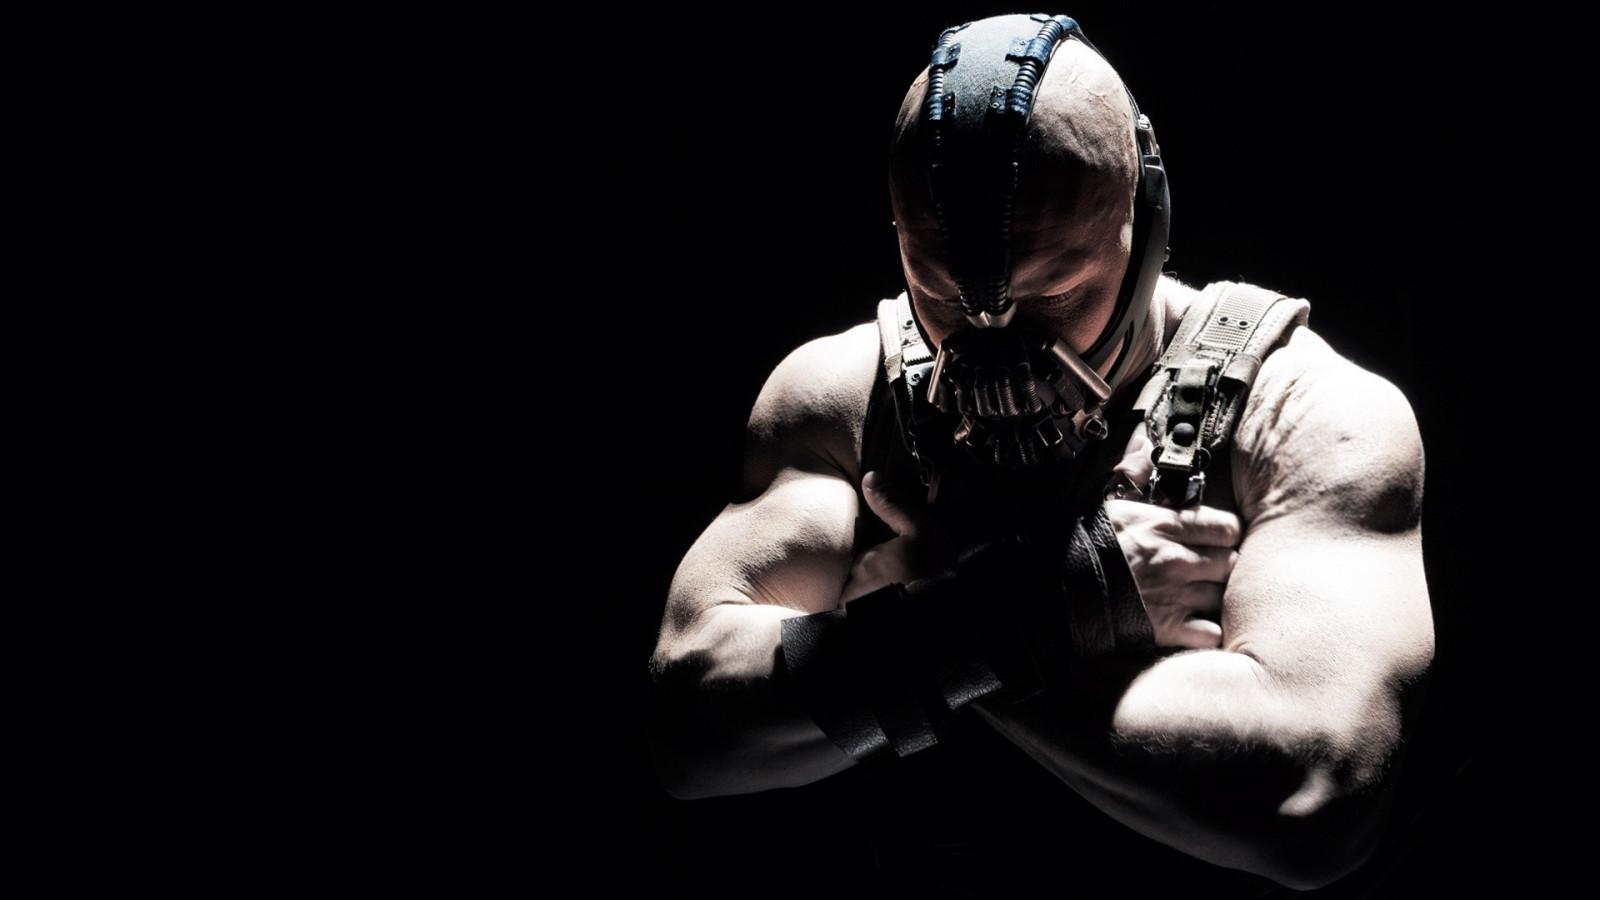 マーベルの魅力的な「バットマン」の悪役ペインが暗闇の中でたたずんでいる